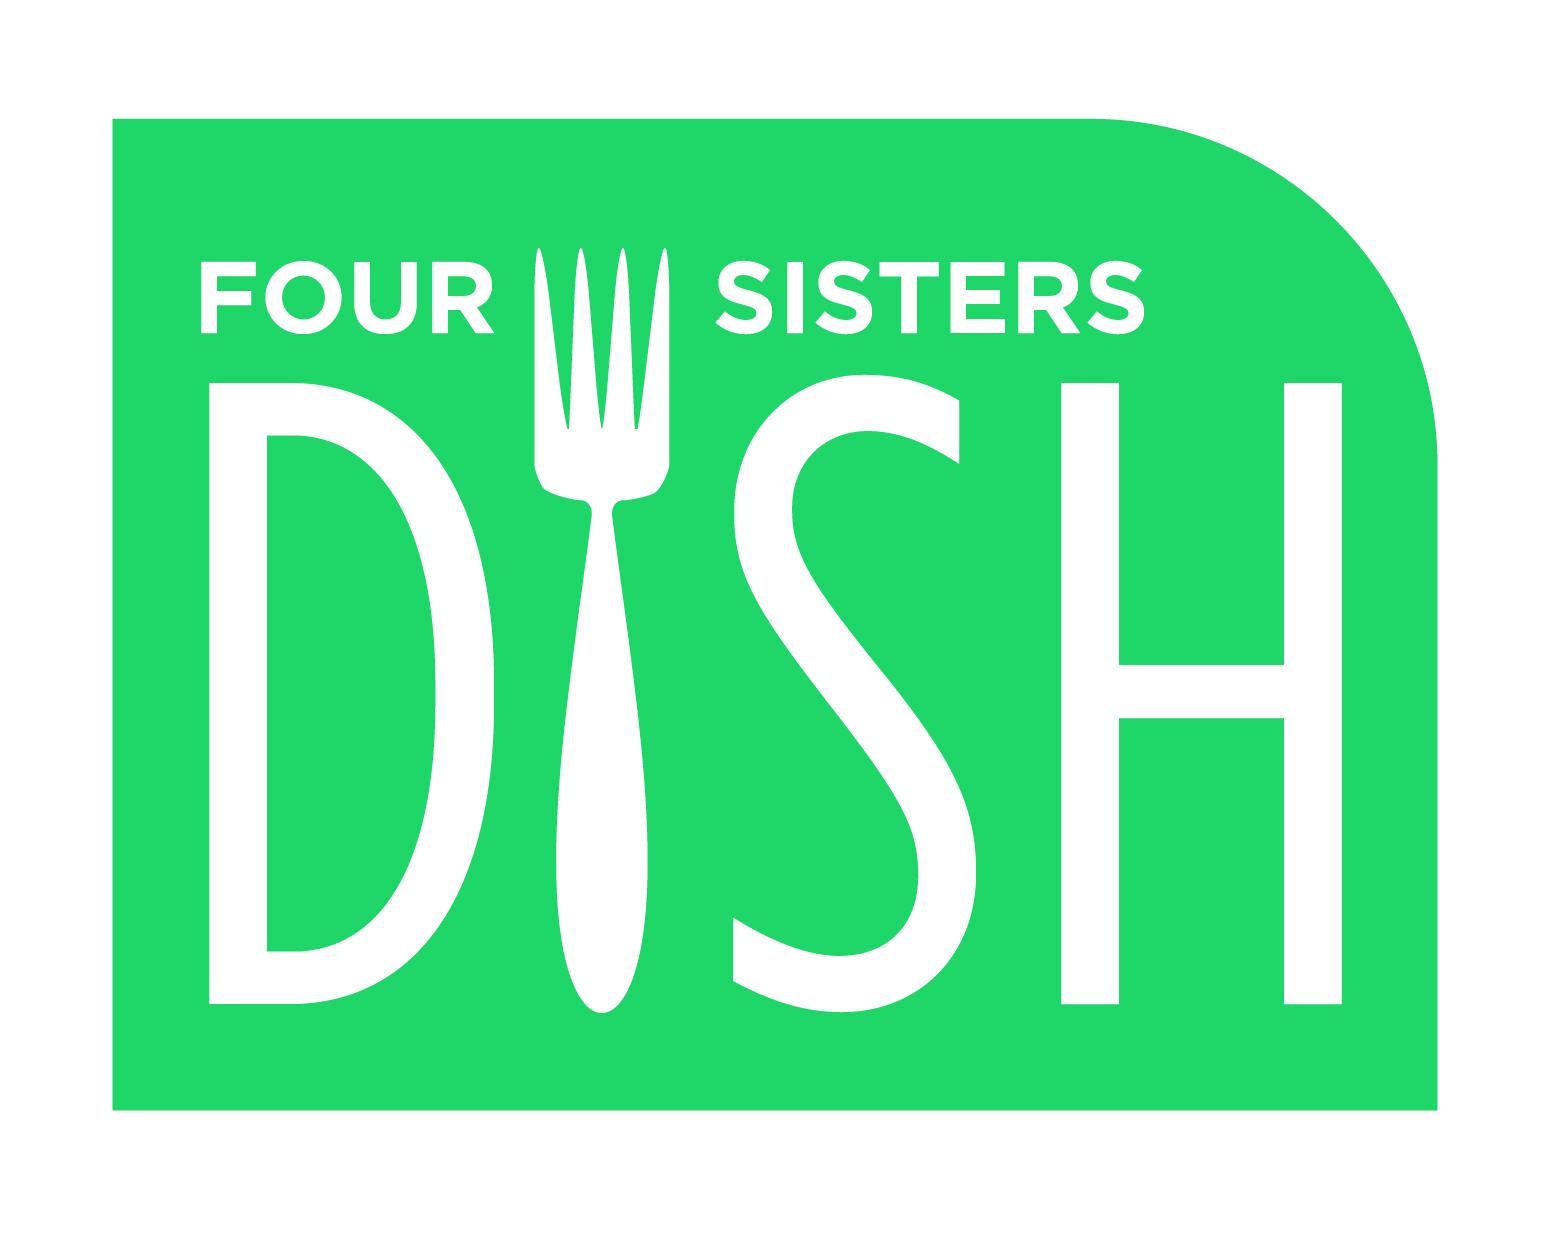 4 sisters-01.jpg